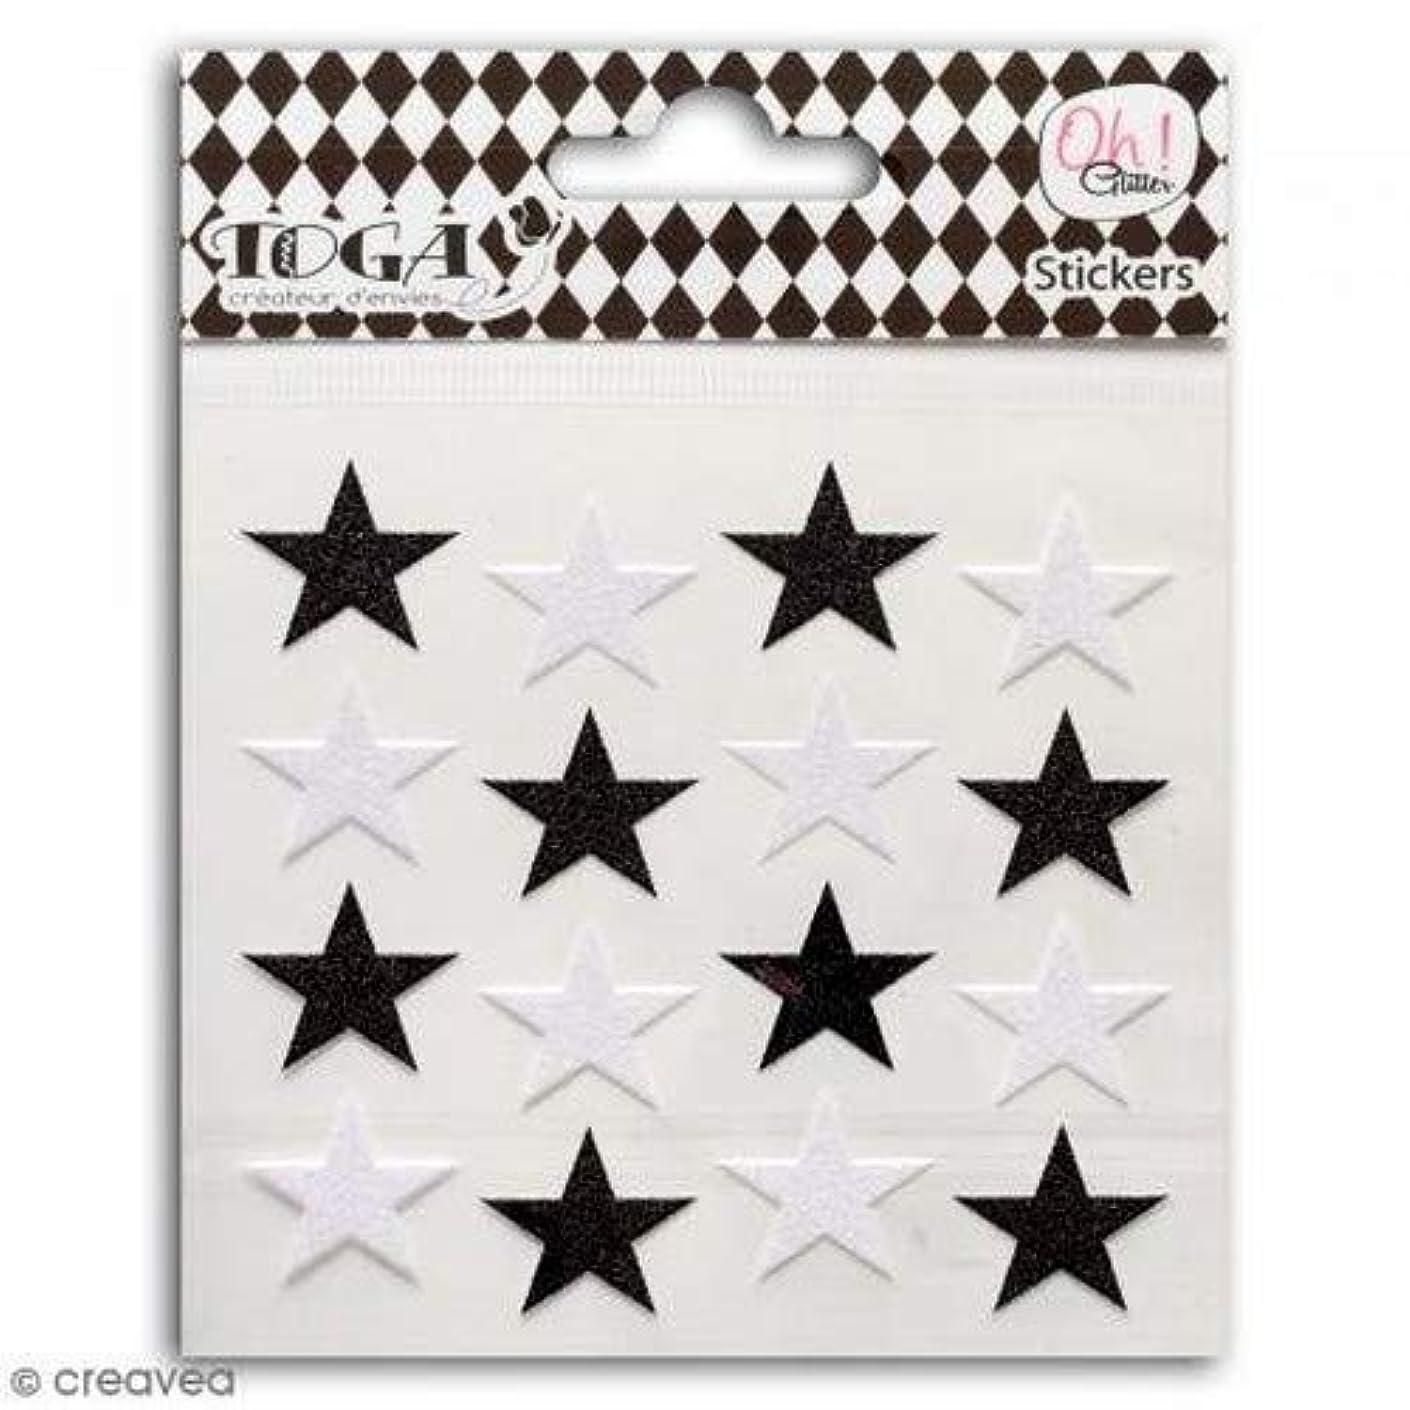 Toga 16 Black & White Glitter Stickers